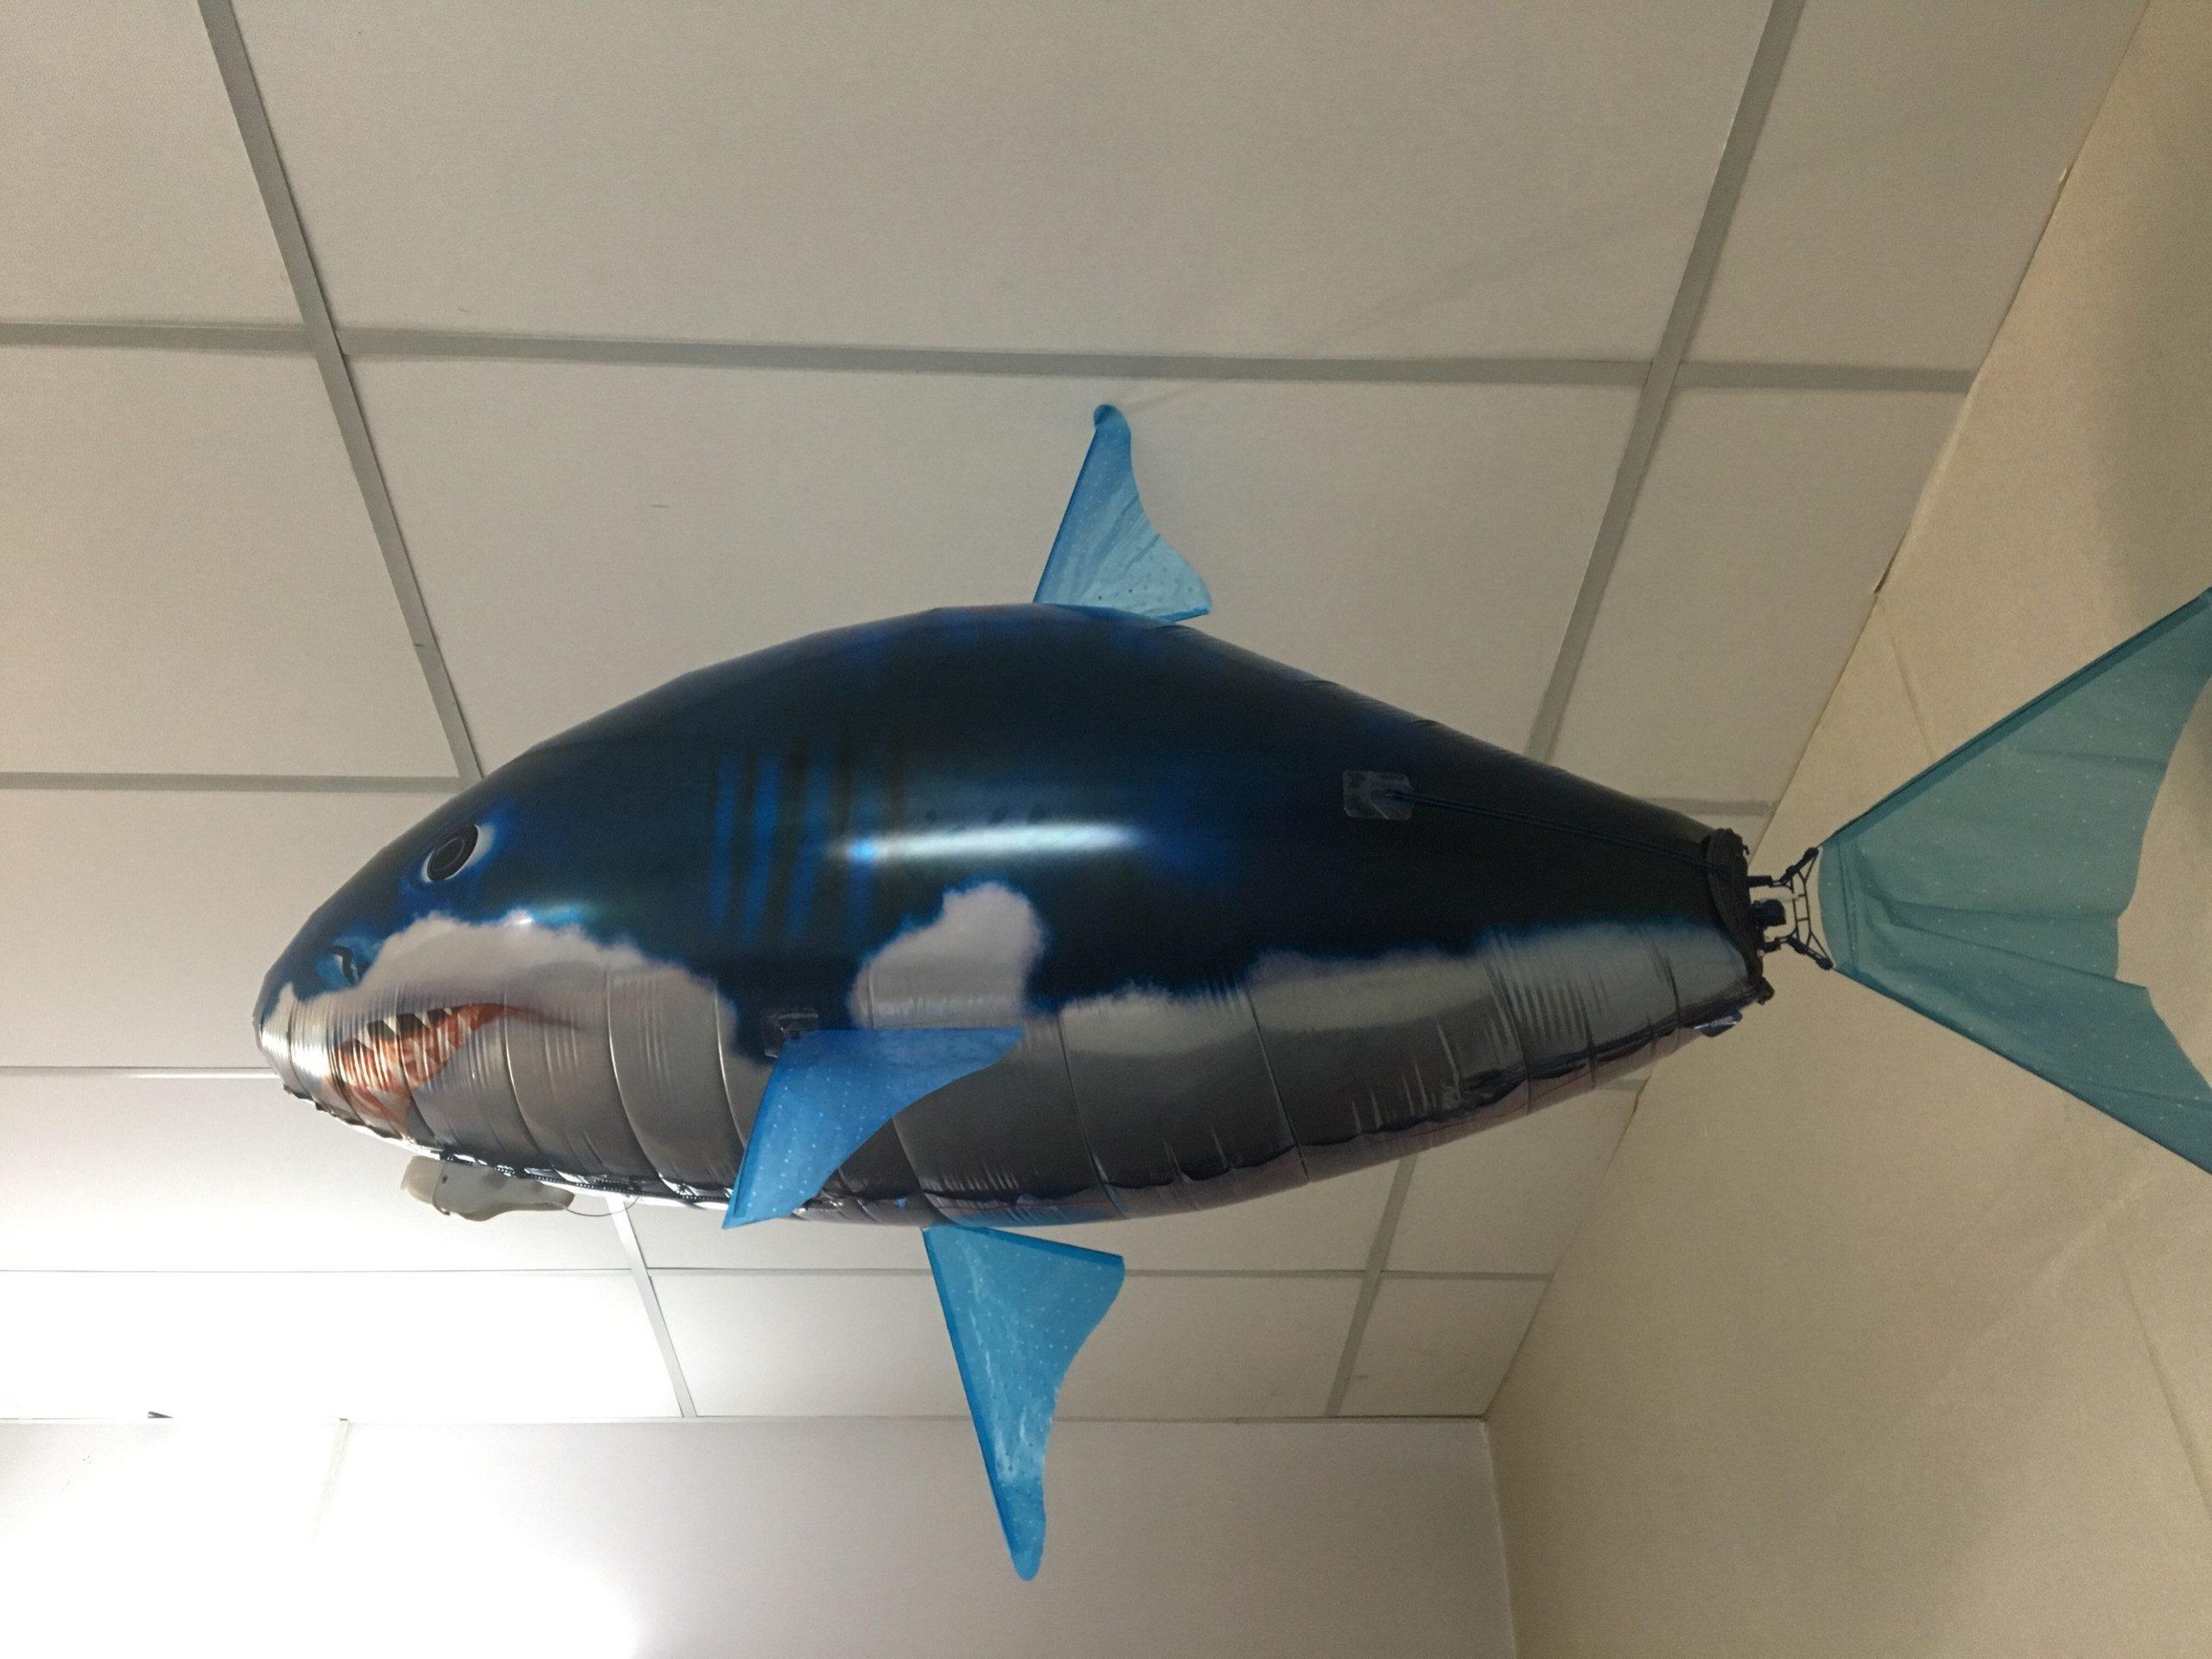 Bóng cá bay điều khiển từ xa bằng khí heli